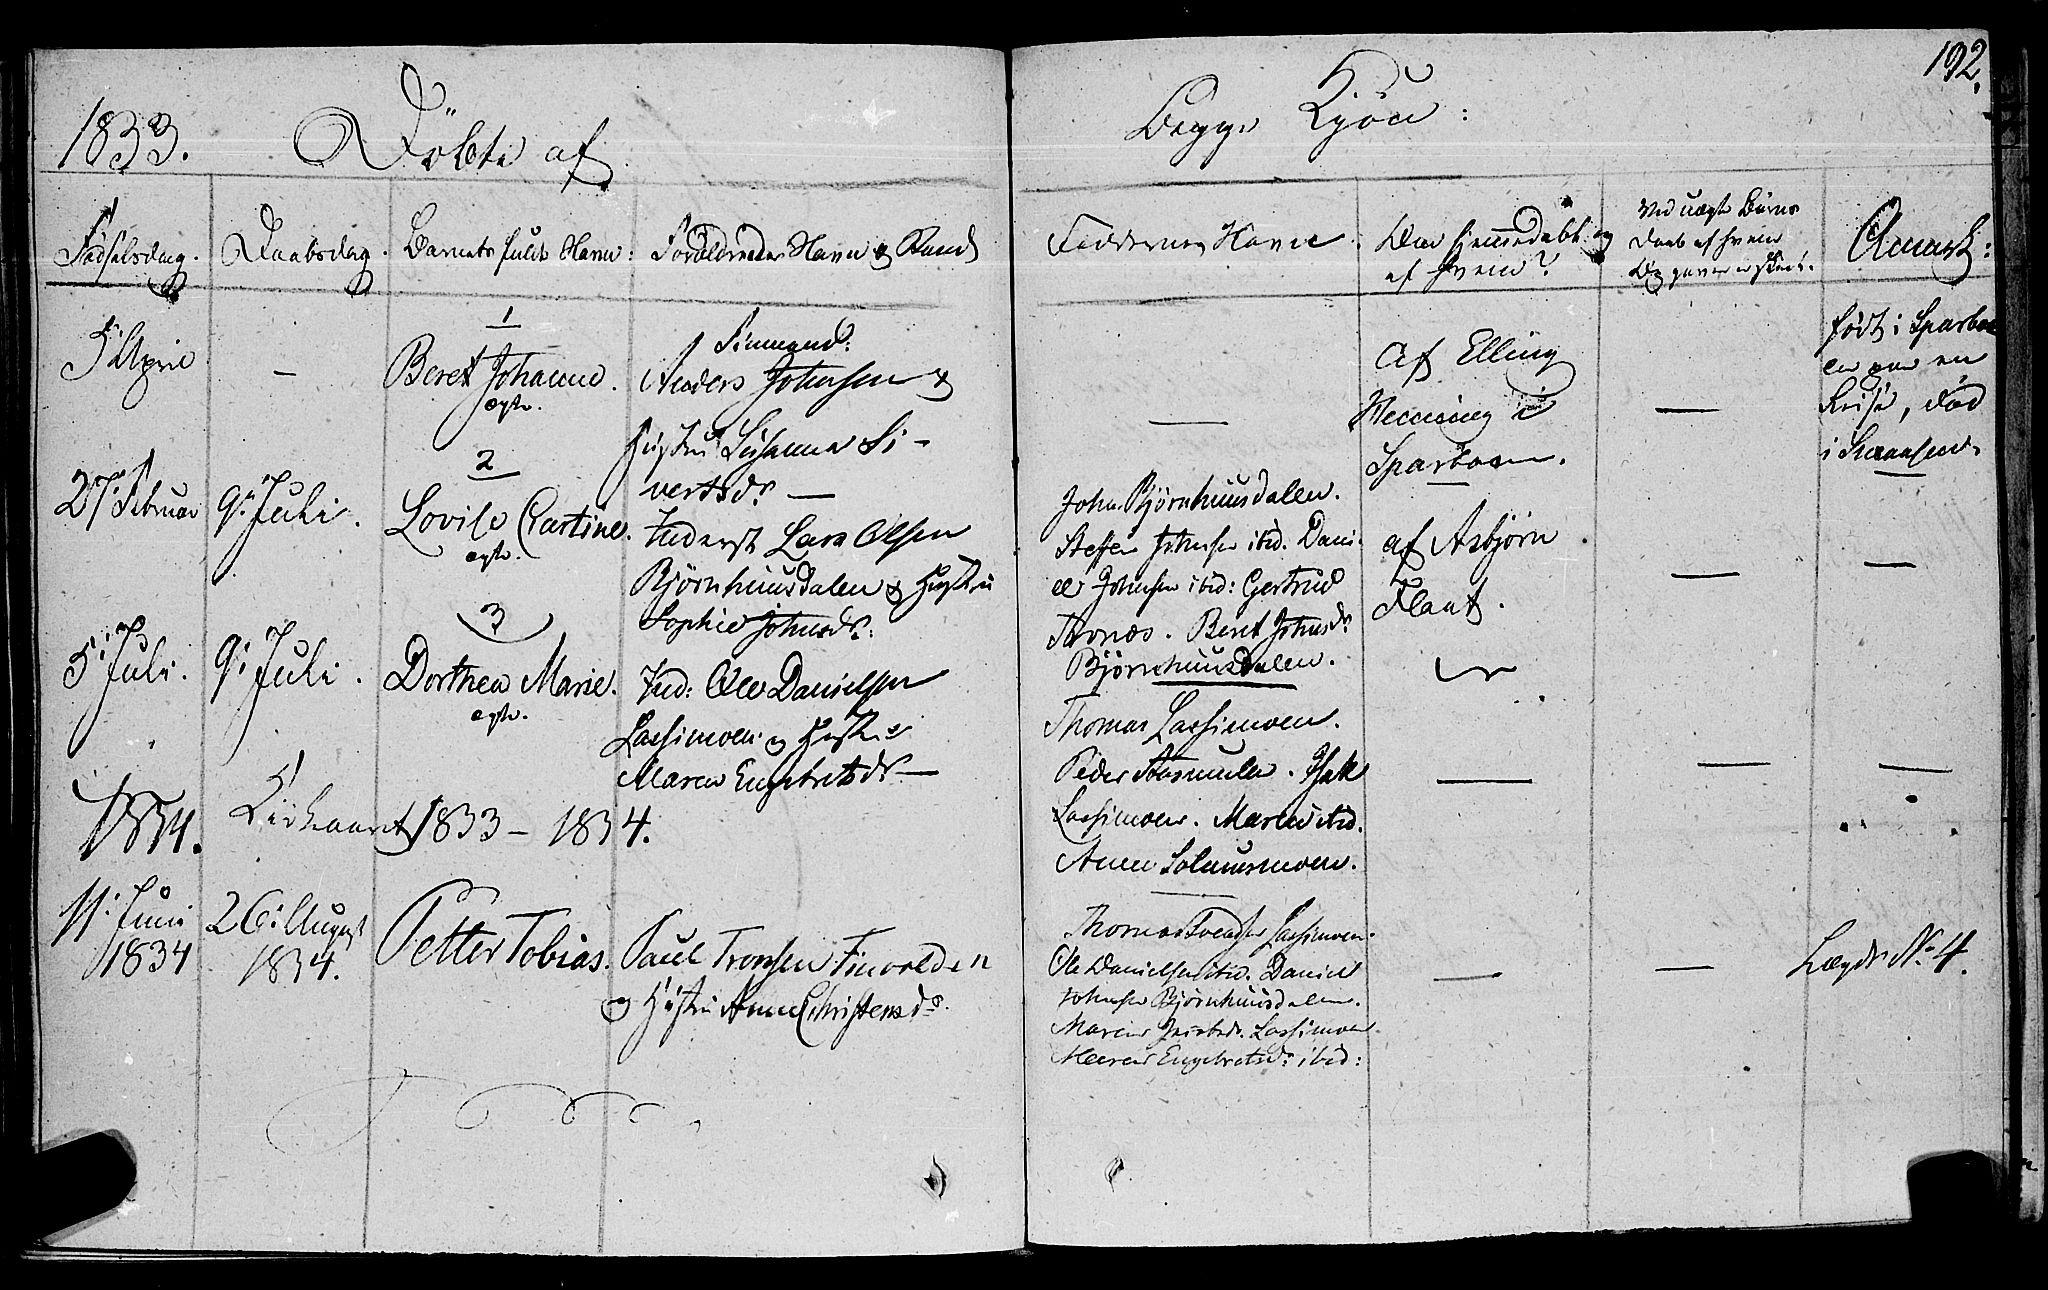 SAT, Ministerialprotokoller, klokkerbøker og fødselsregistre - Nord-Trøndelag, 762/L0538: Ministerialbok nr. 762A02 /2, 1833-1879, s. 192